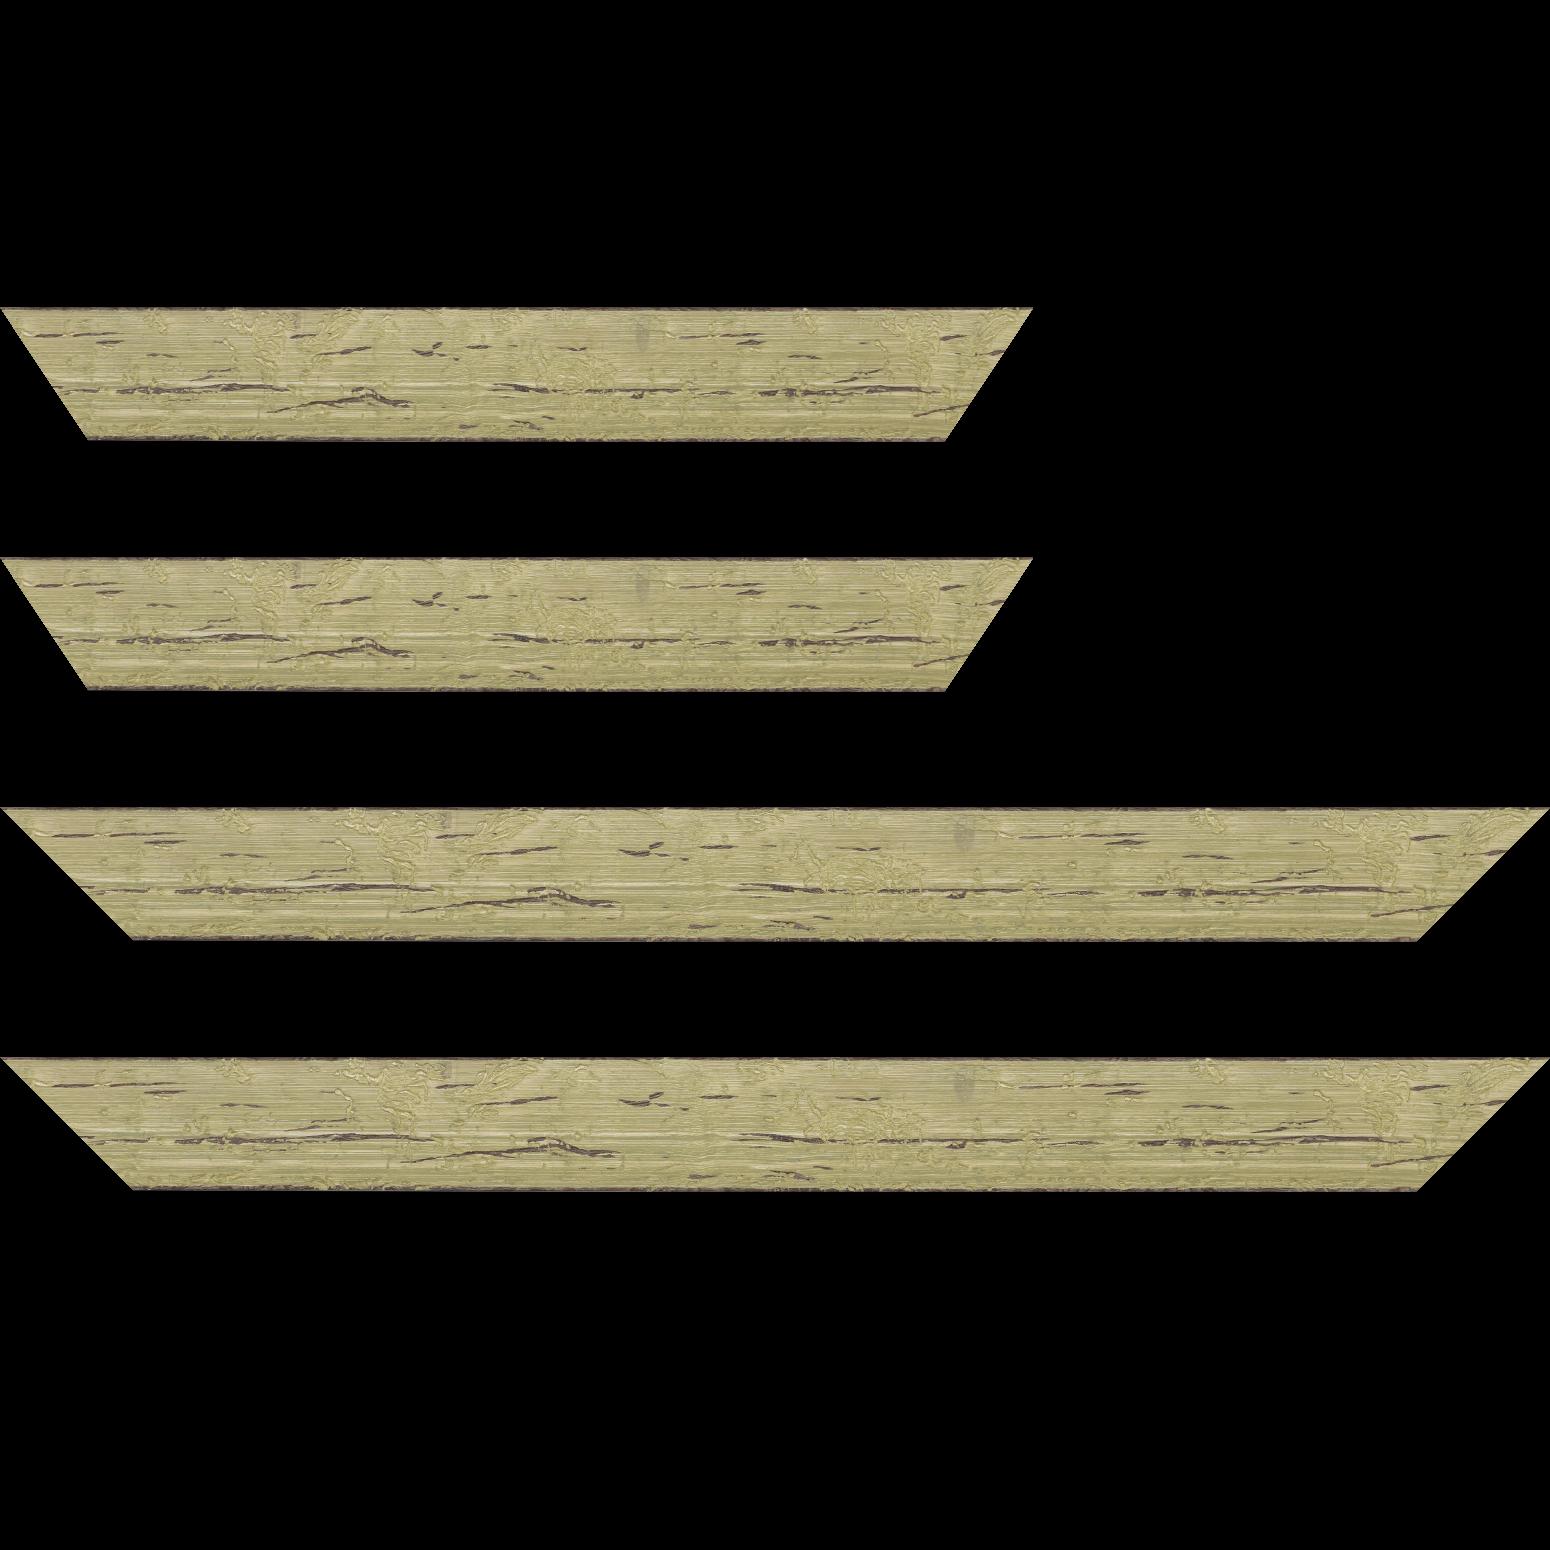 Baguette service précoupé Bois profil plat largeur 4.3cm couleur vert délavé finition aspect vieilli antique